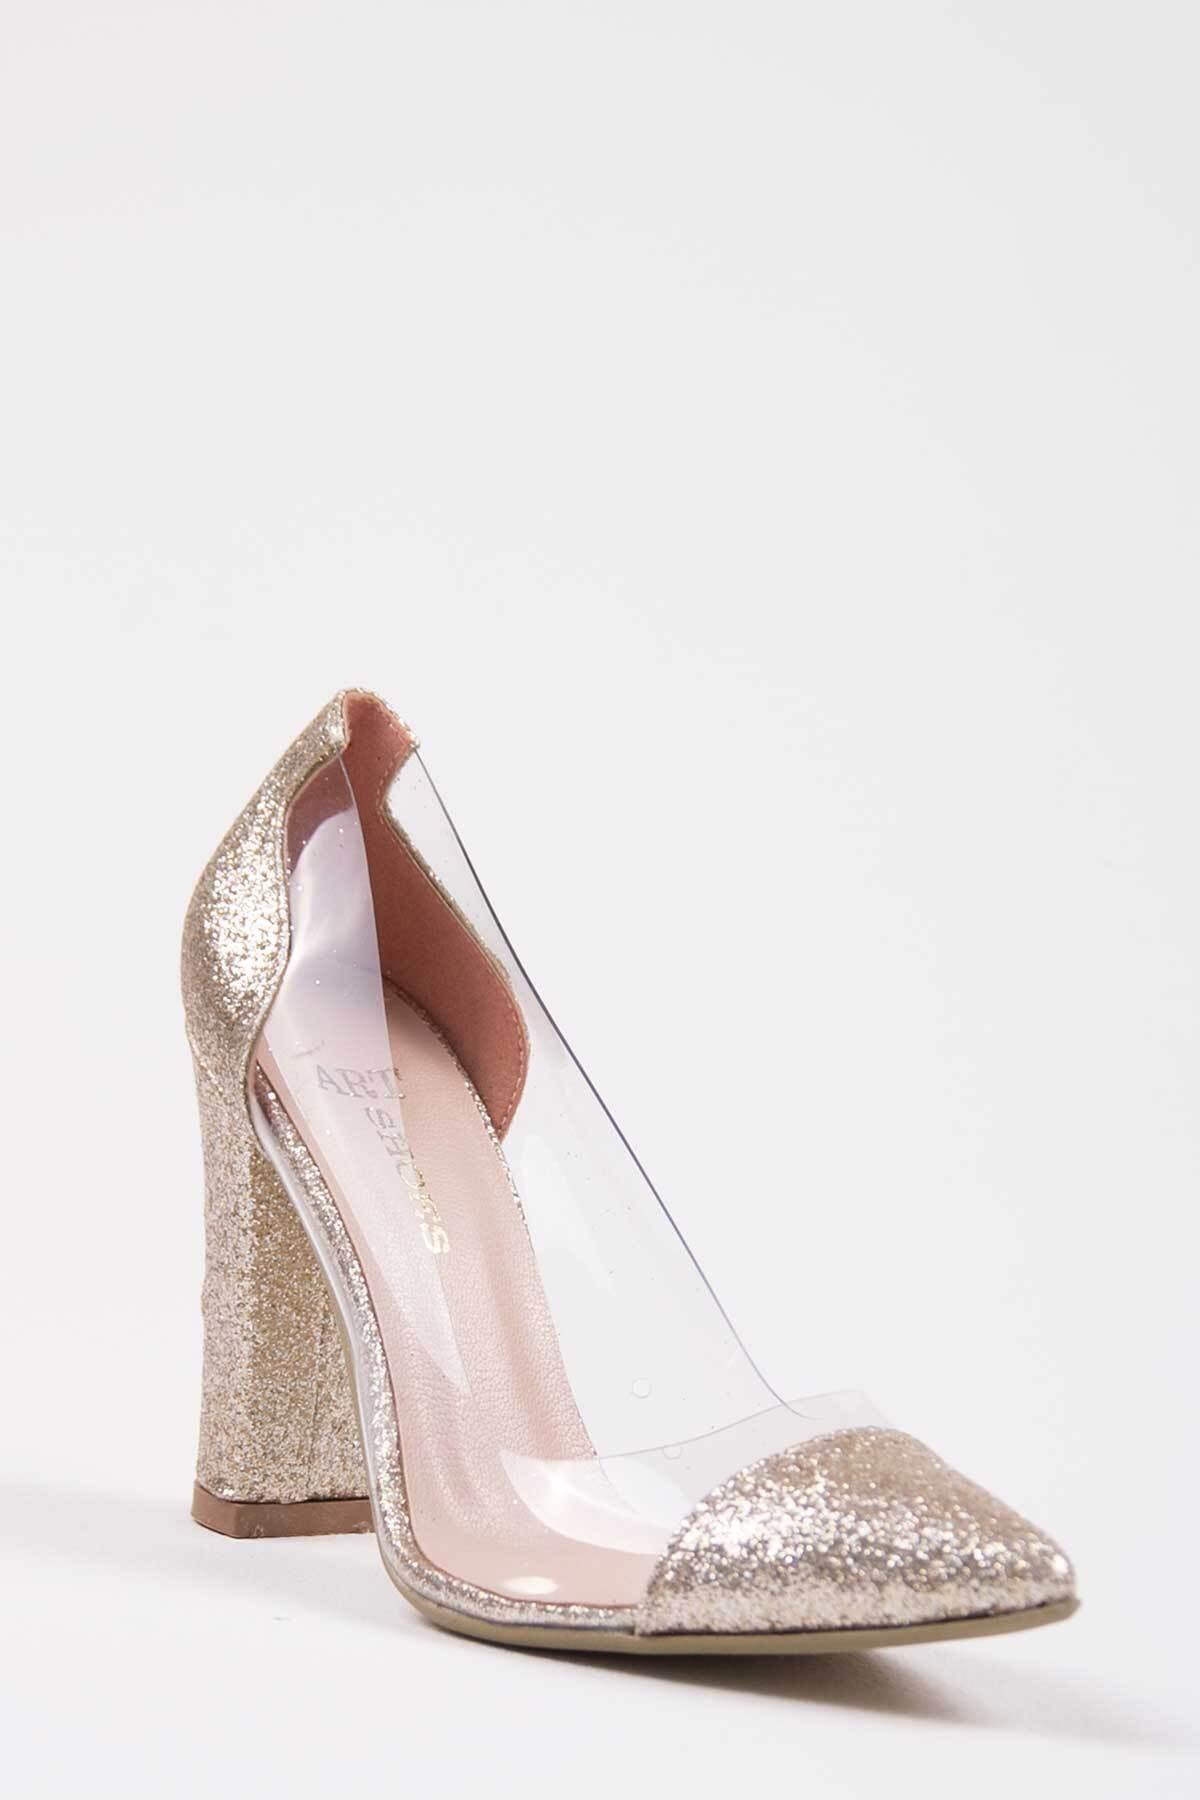 Oioi Kadın Topuklu Ayakkabı 1010-119-0002 2